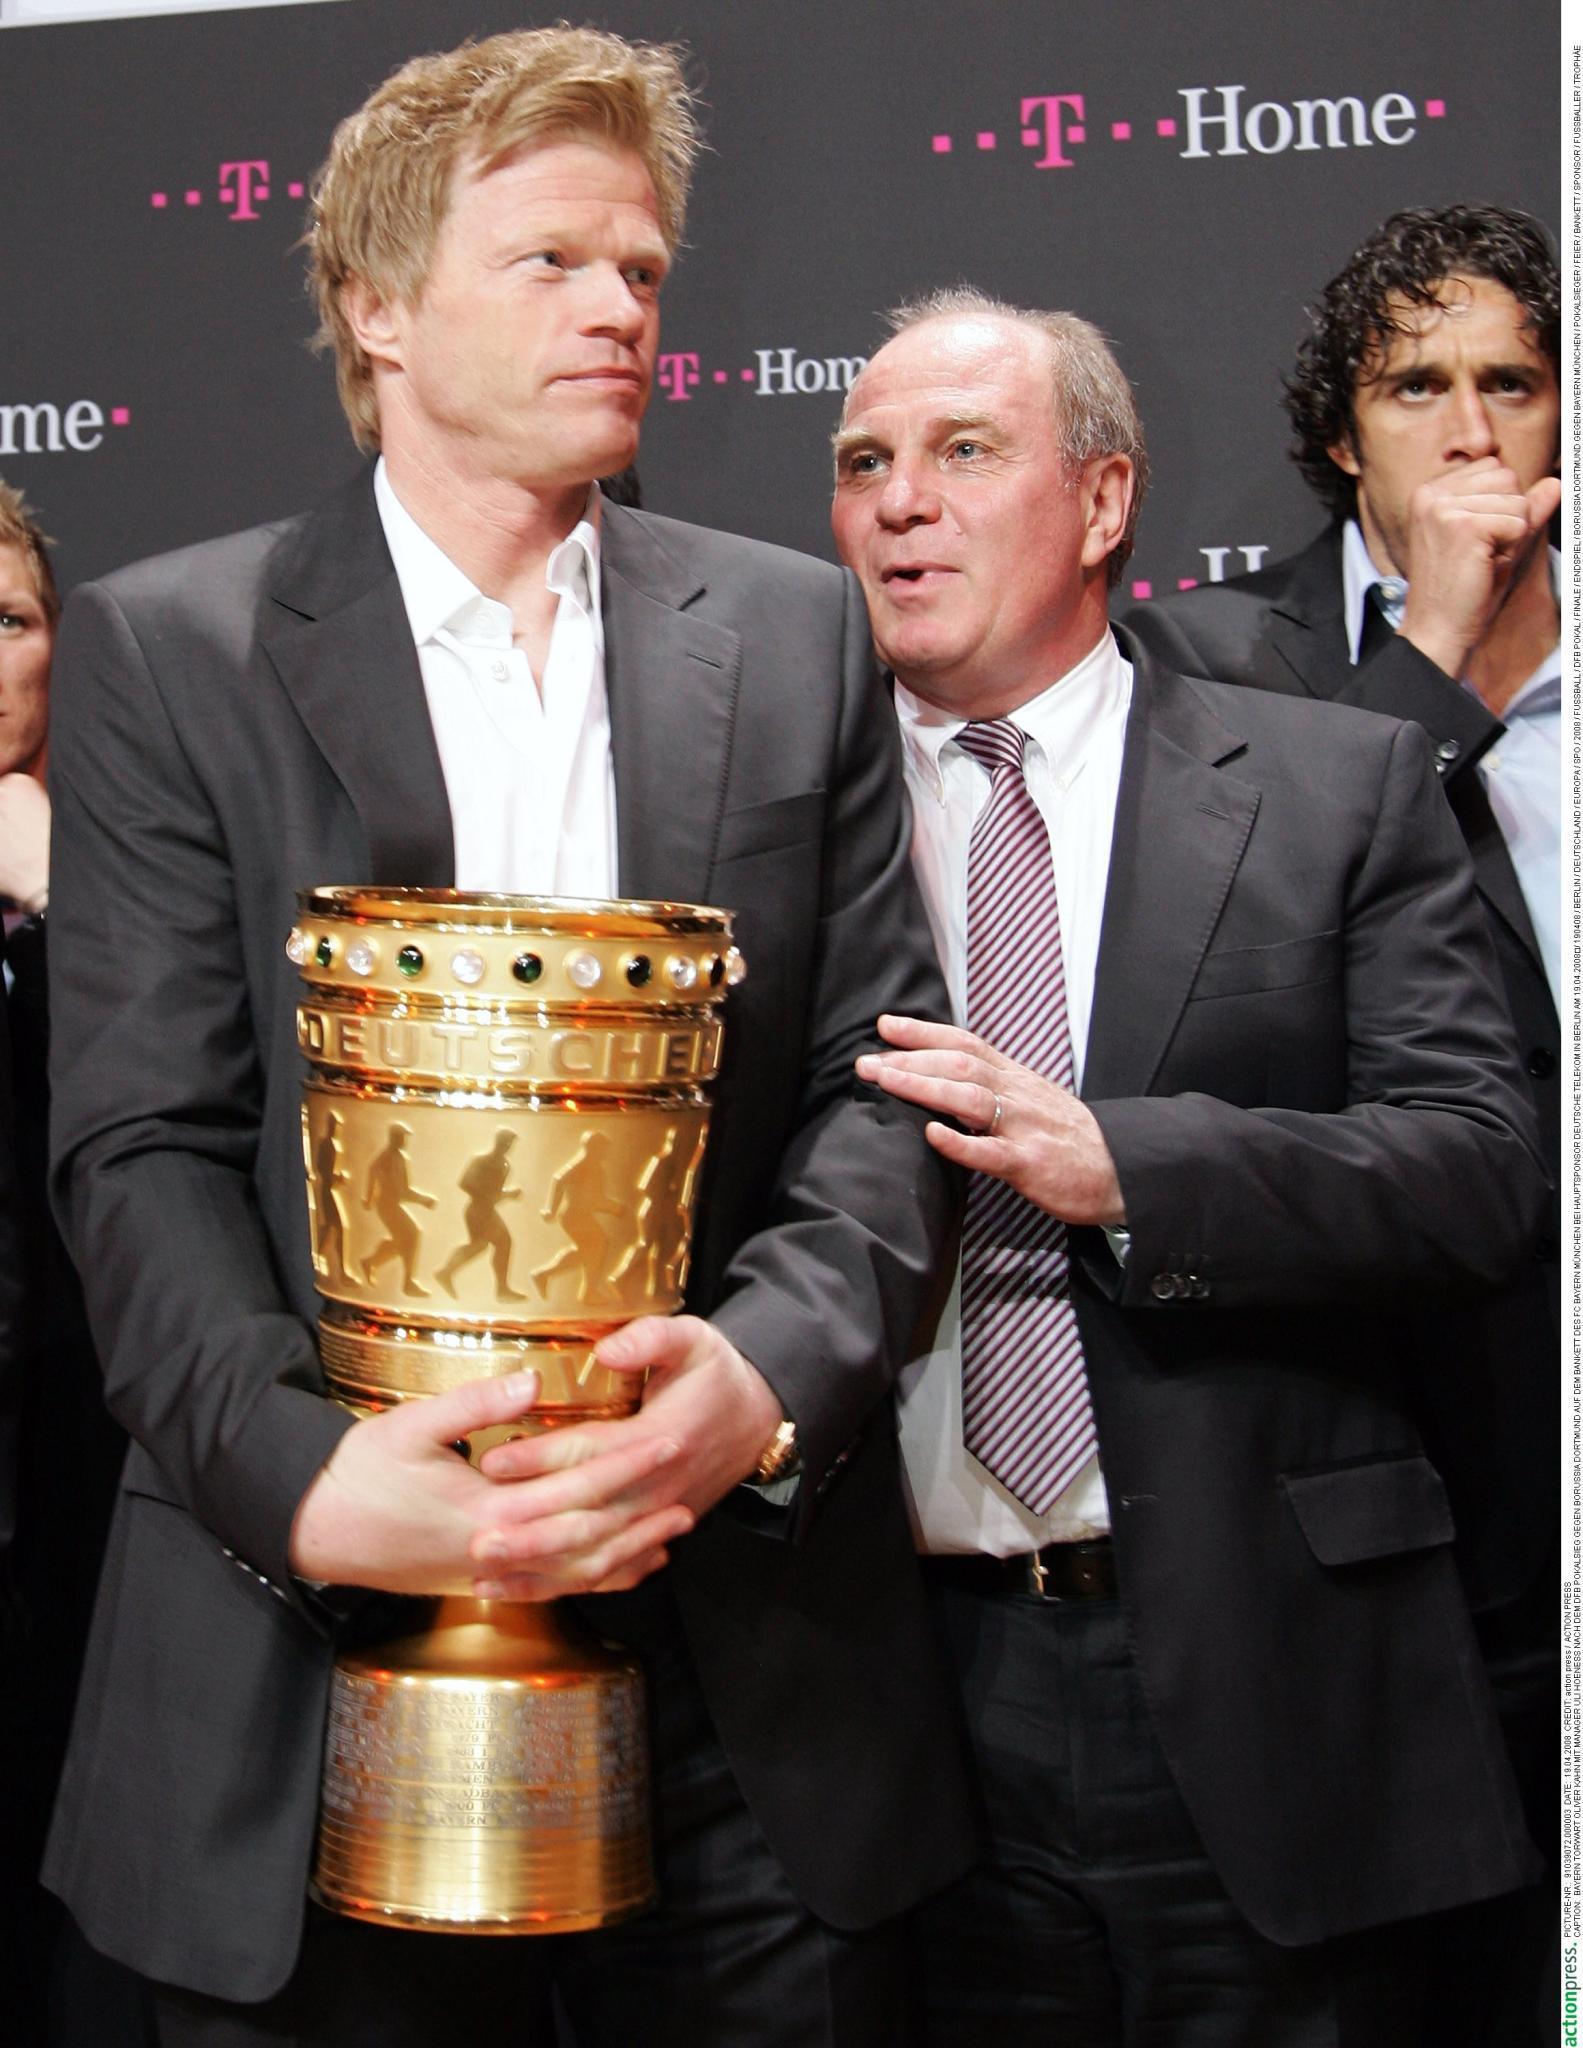 """14 Jahre arbeitete Oliver Kahn als Bayern-Torwart mit Uli Hoeneß zusammen.""""Ich habe ihn nie als einen süchtigen Zocker erlebt"""", so Kahn zu """"Gala"""" über den Bayern-Präsidenten, der wegen Steuerhinterziehung vor Gericht muss. """"Ich wünsche ihm, dass die Sache gut ausgeht."""""""